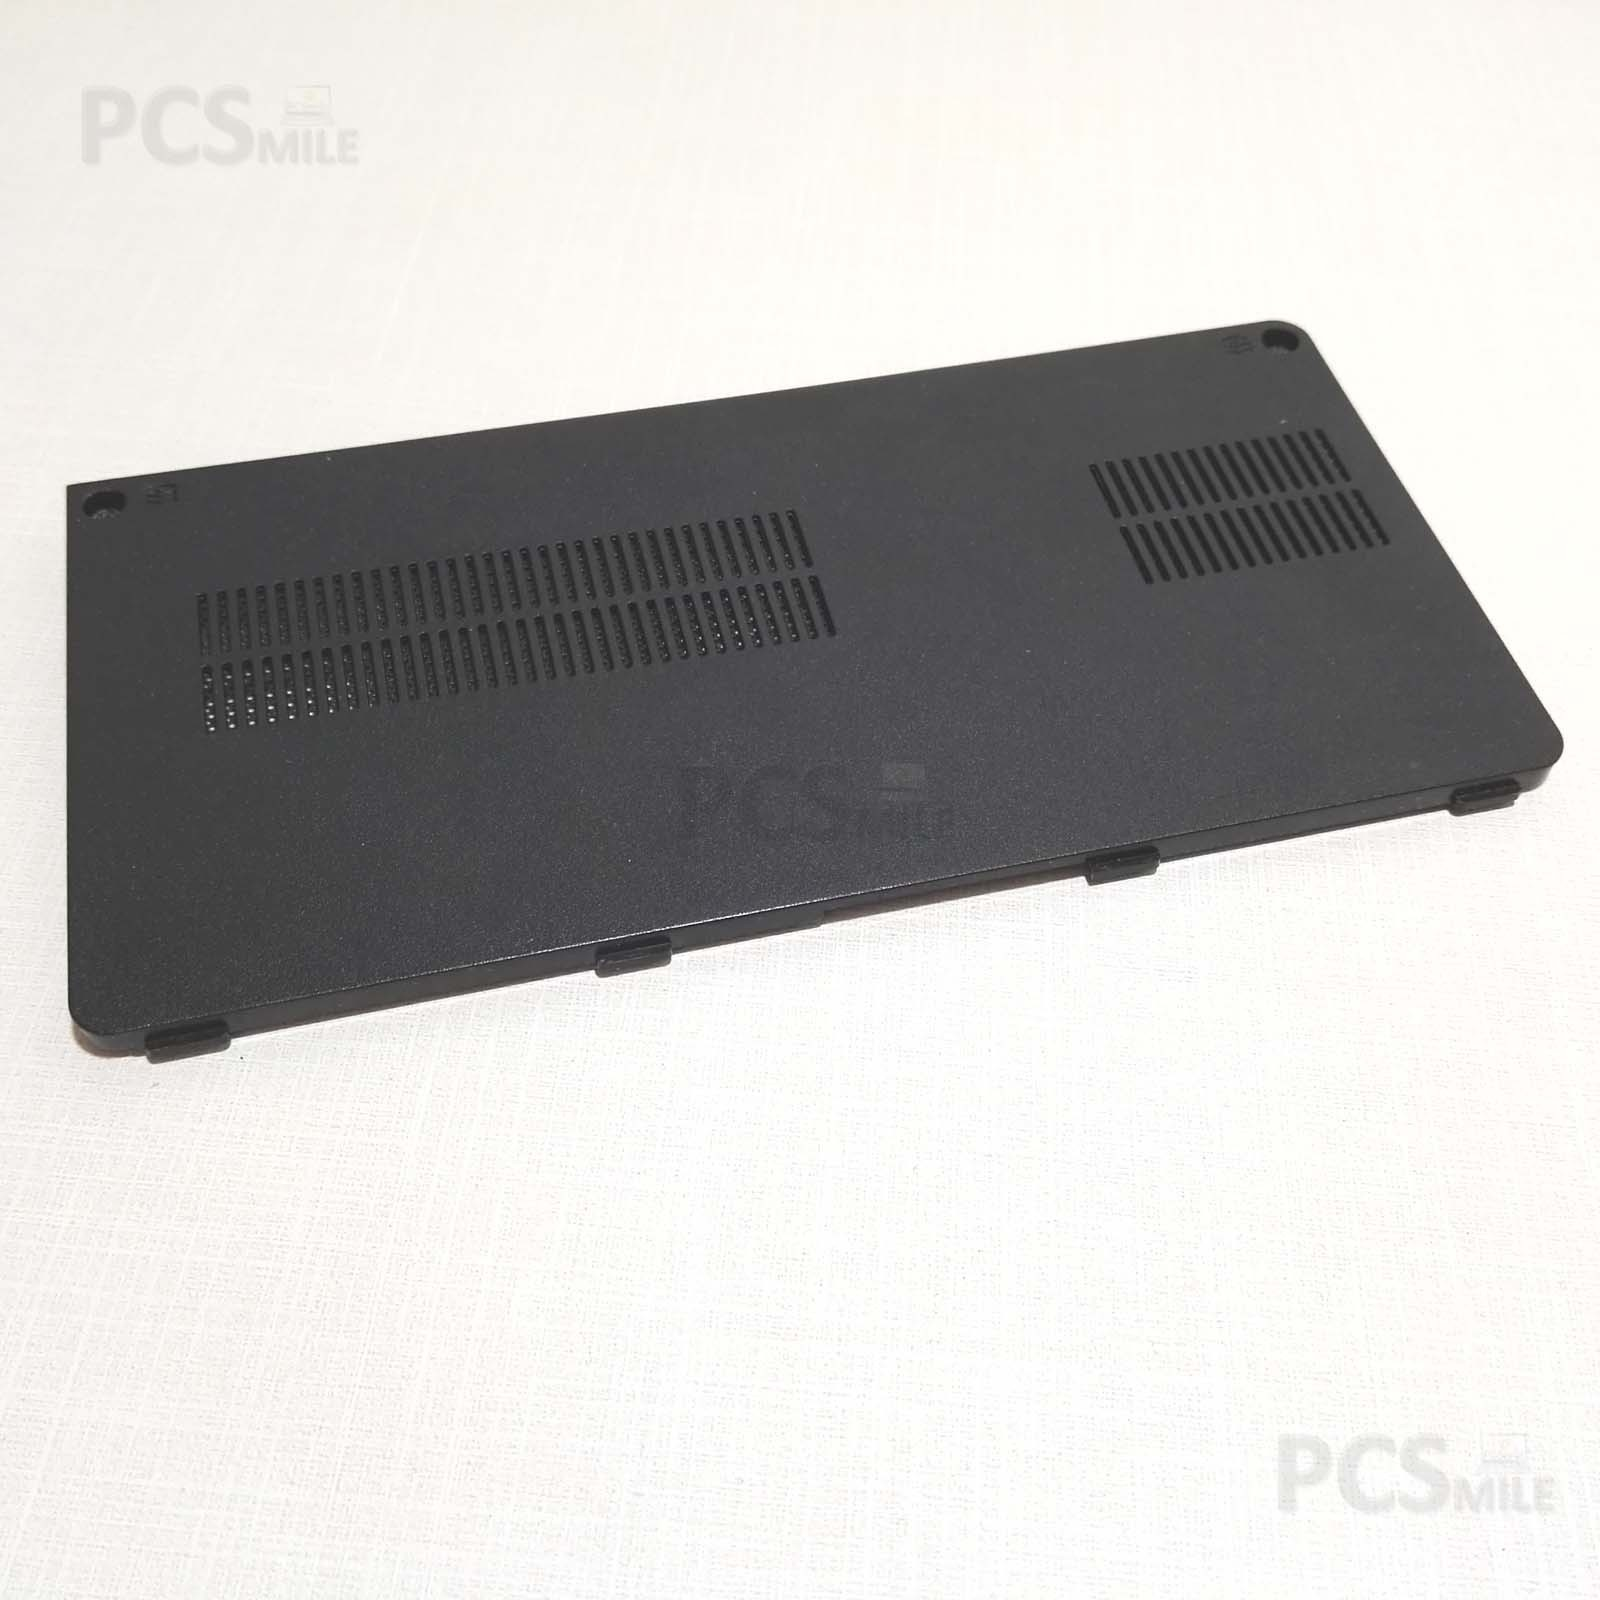 Tappo hard disk 1A226HB00-600-G HP G62 serie coperchio posteriore sportellino